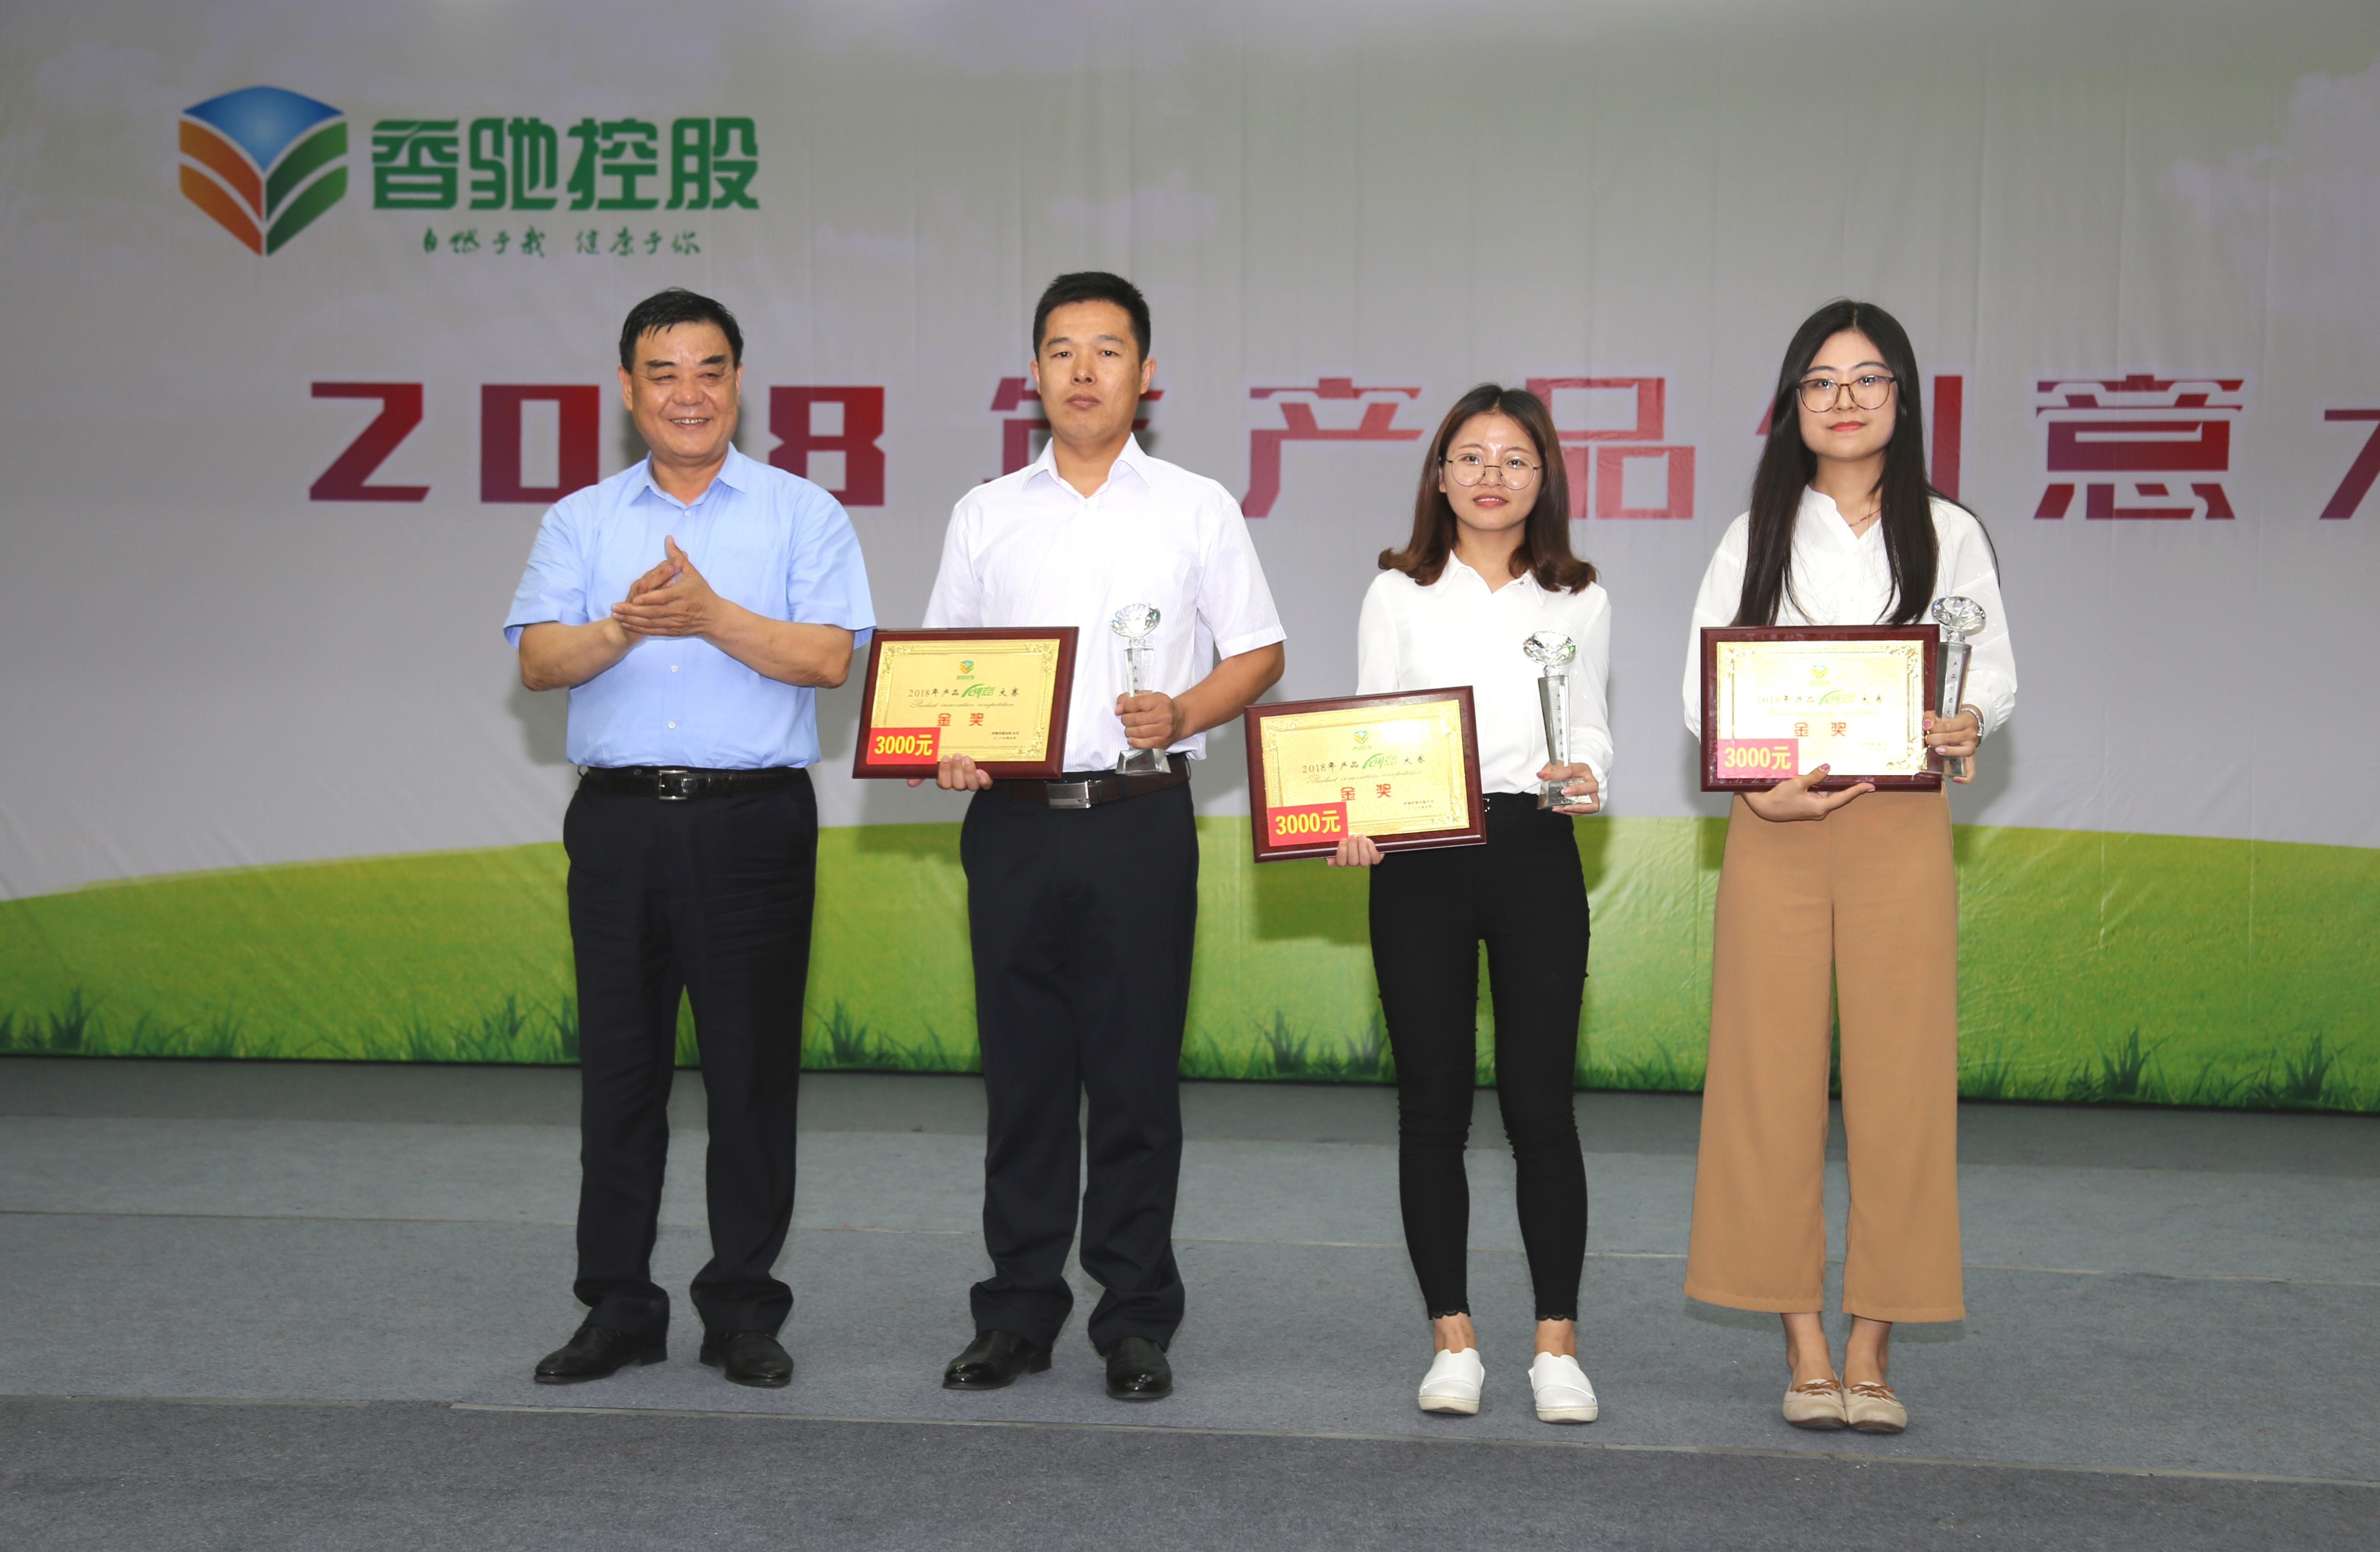 控股公司举办2018年产品创意大赛